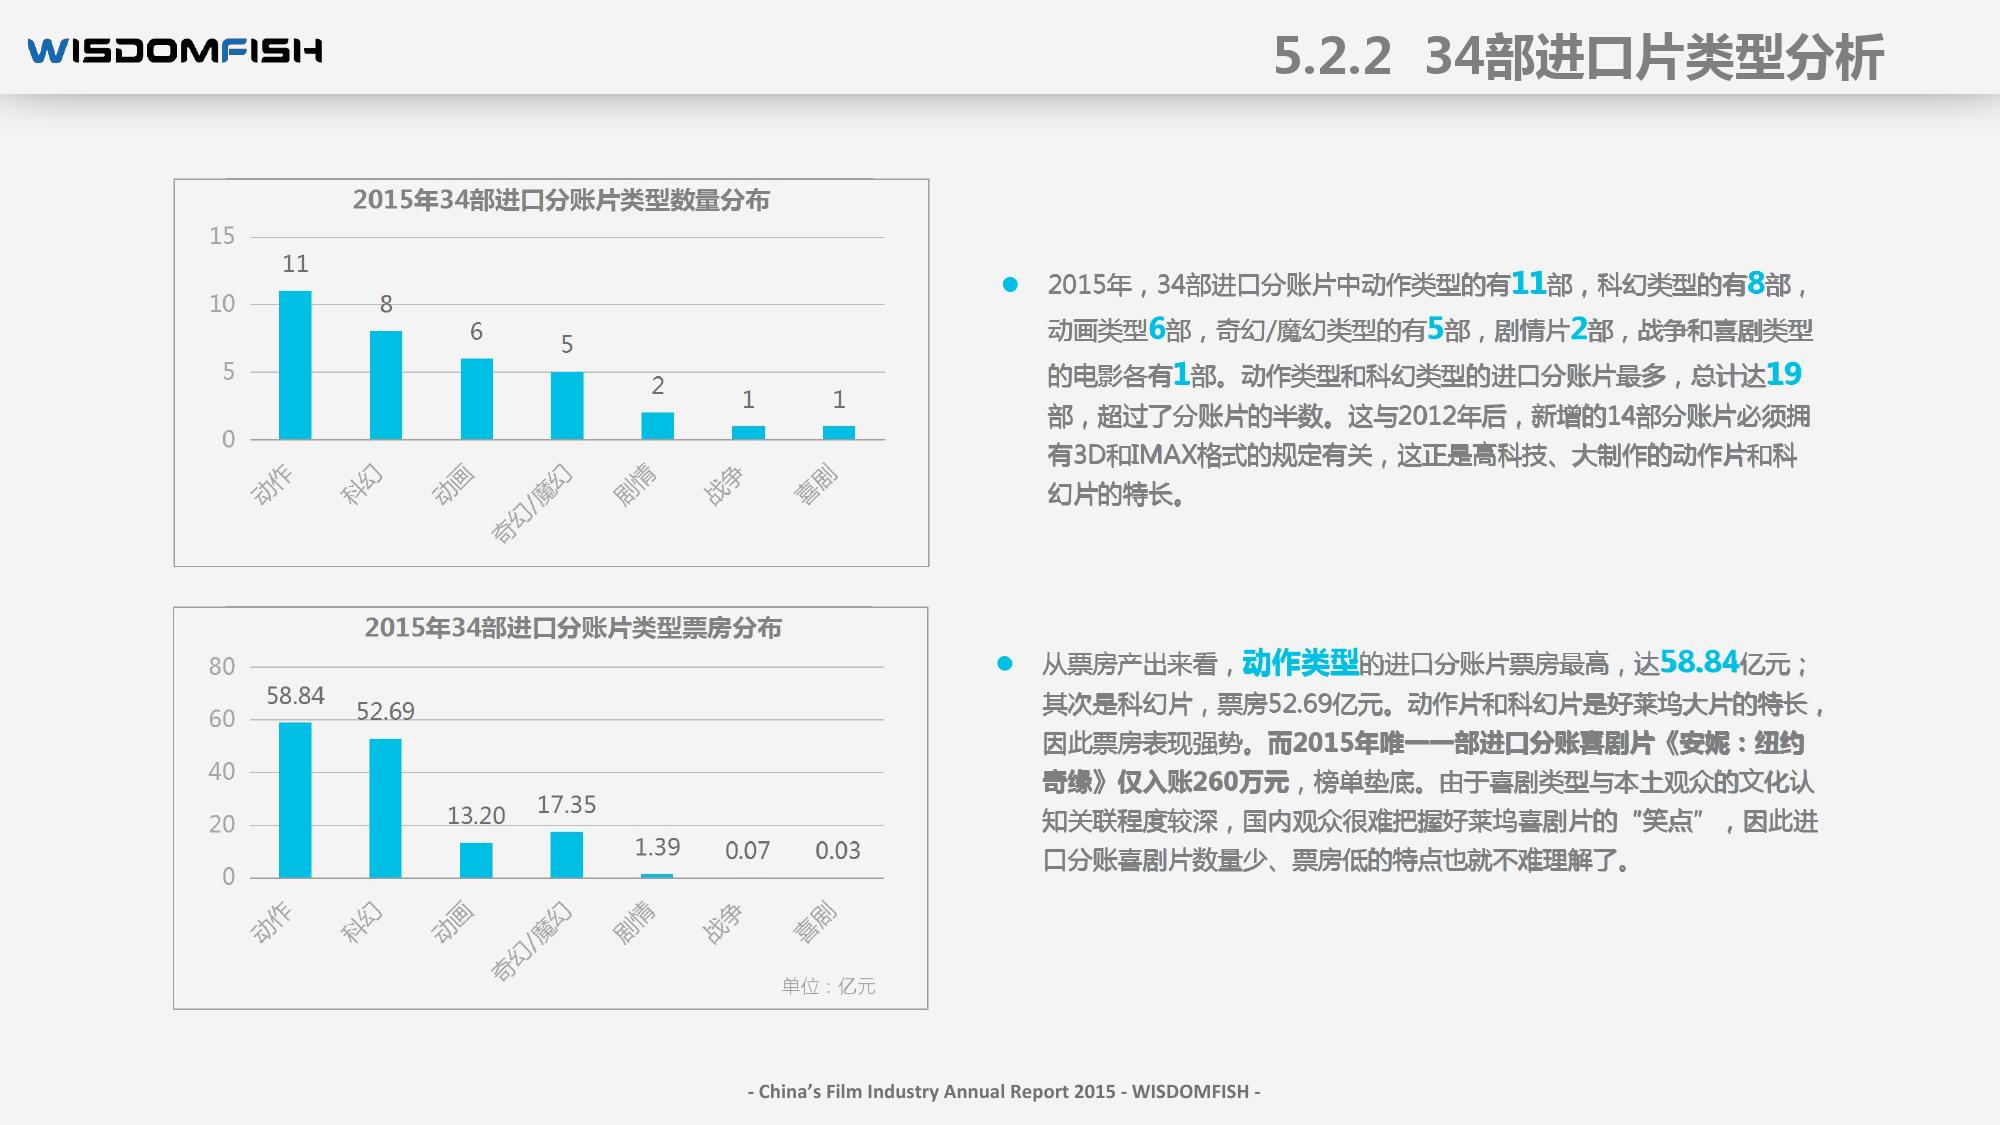 2015年度中国电影产业报告_000070